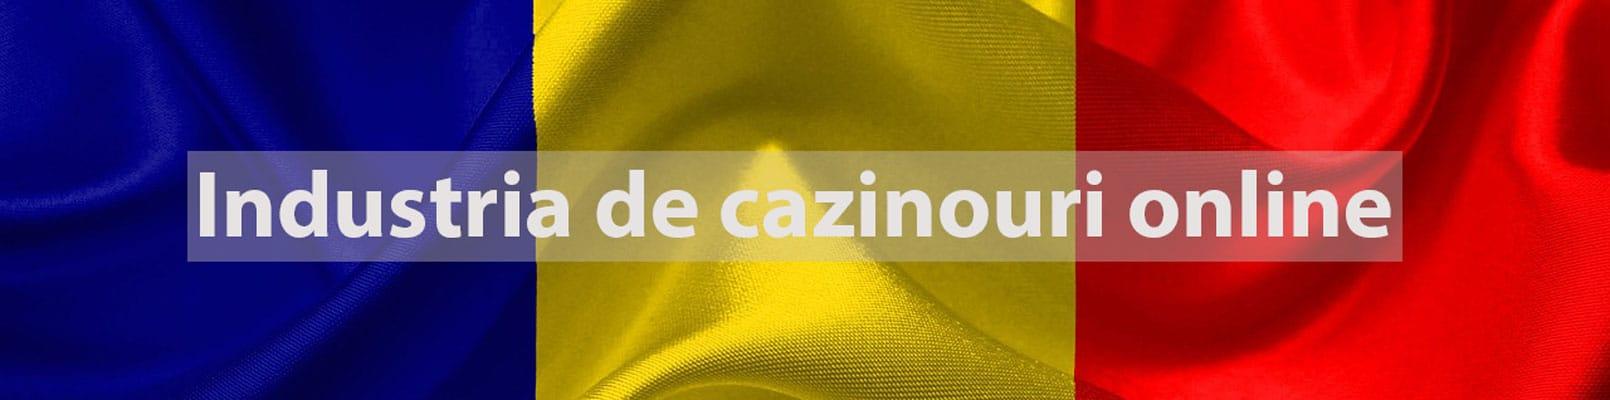 industria de cazinouri online românești